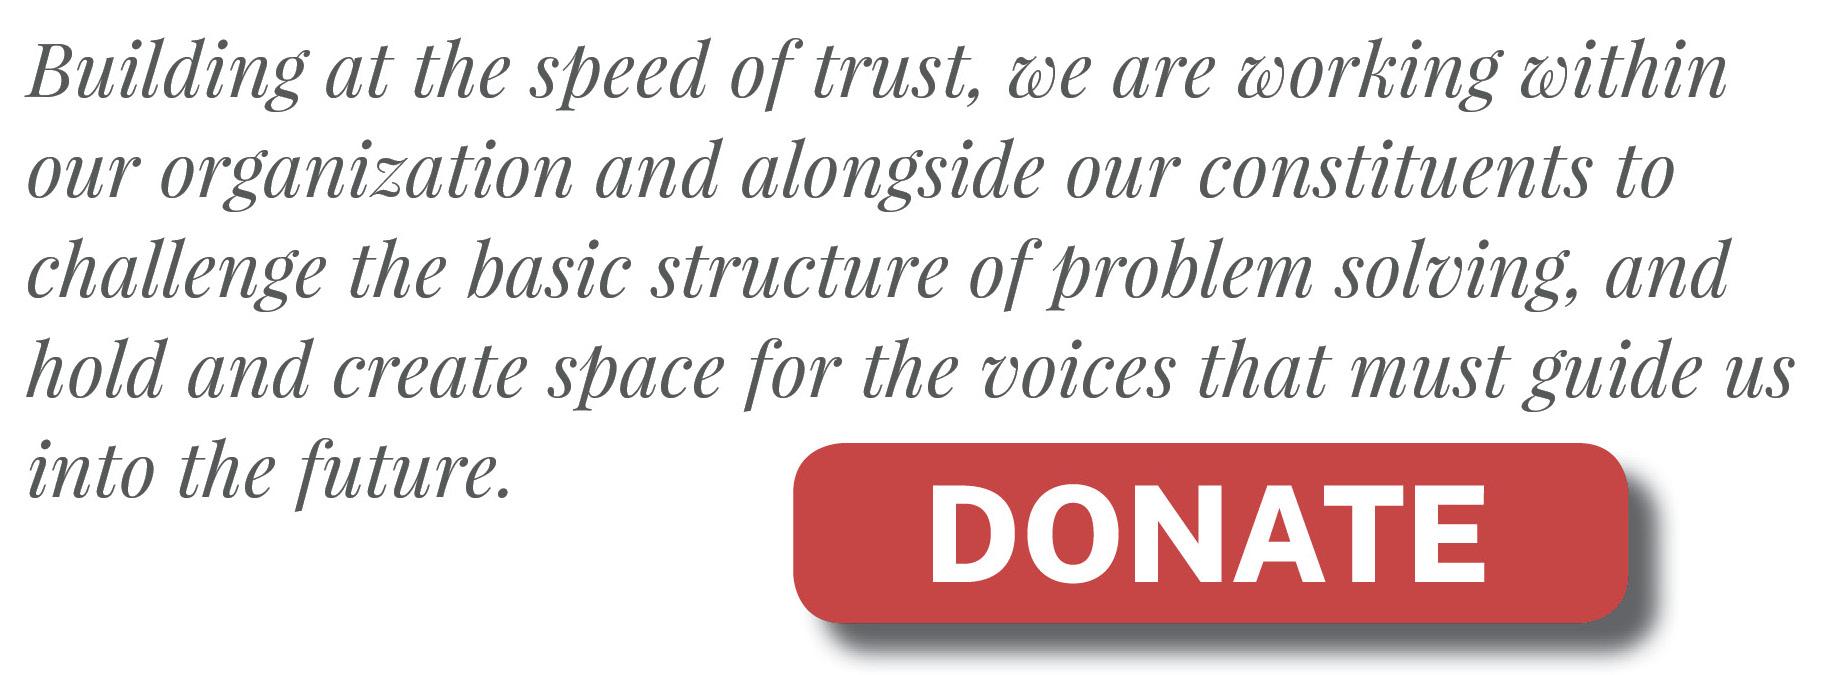 pullquote donate